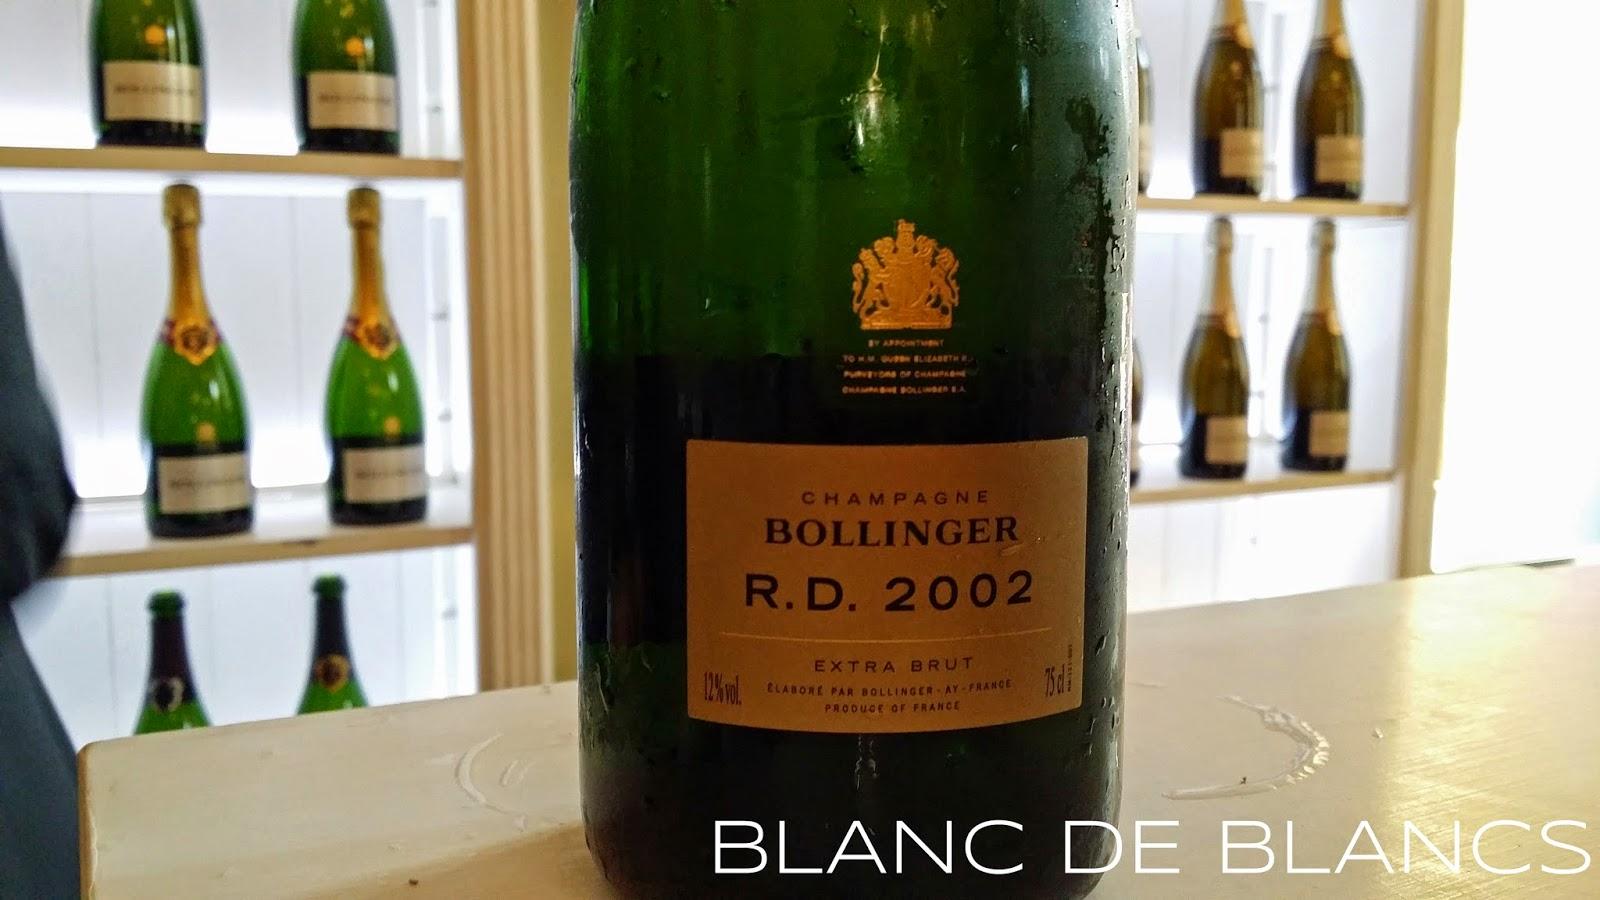 Bollinger R.D. 2002 - www.blancdeblancs.fi